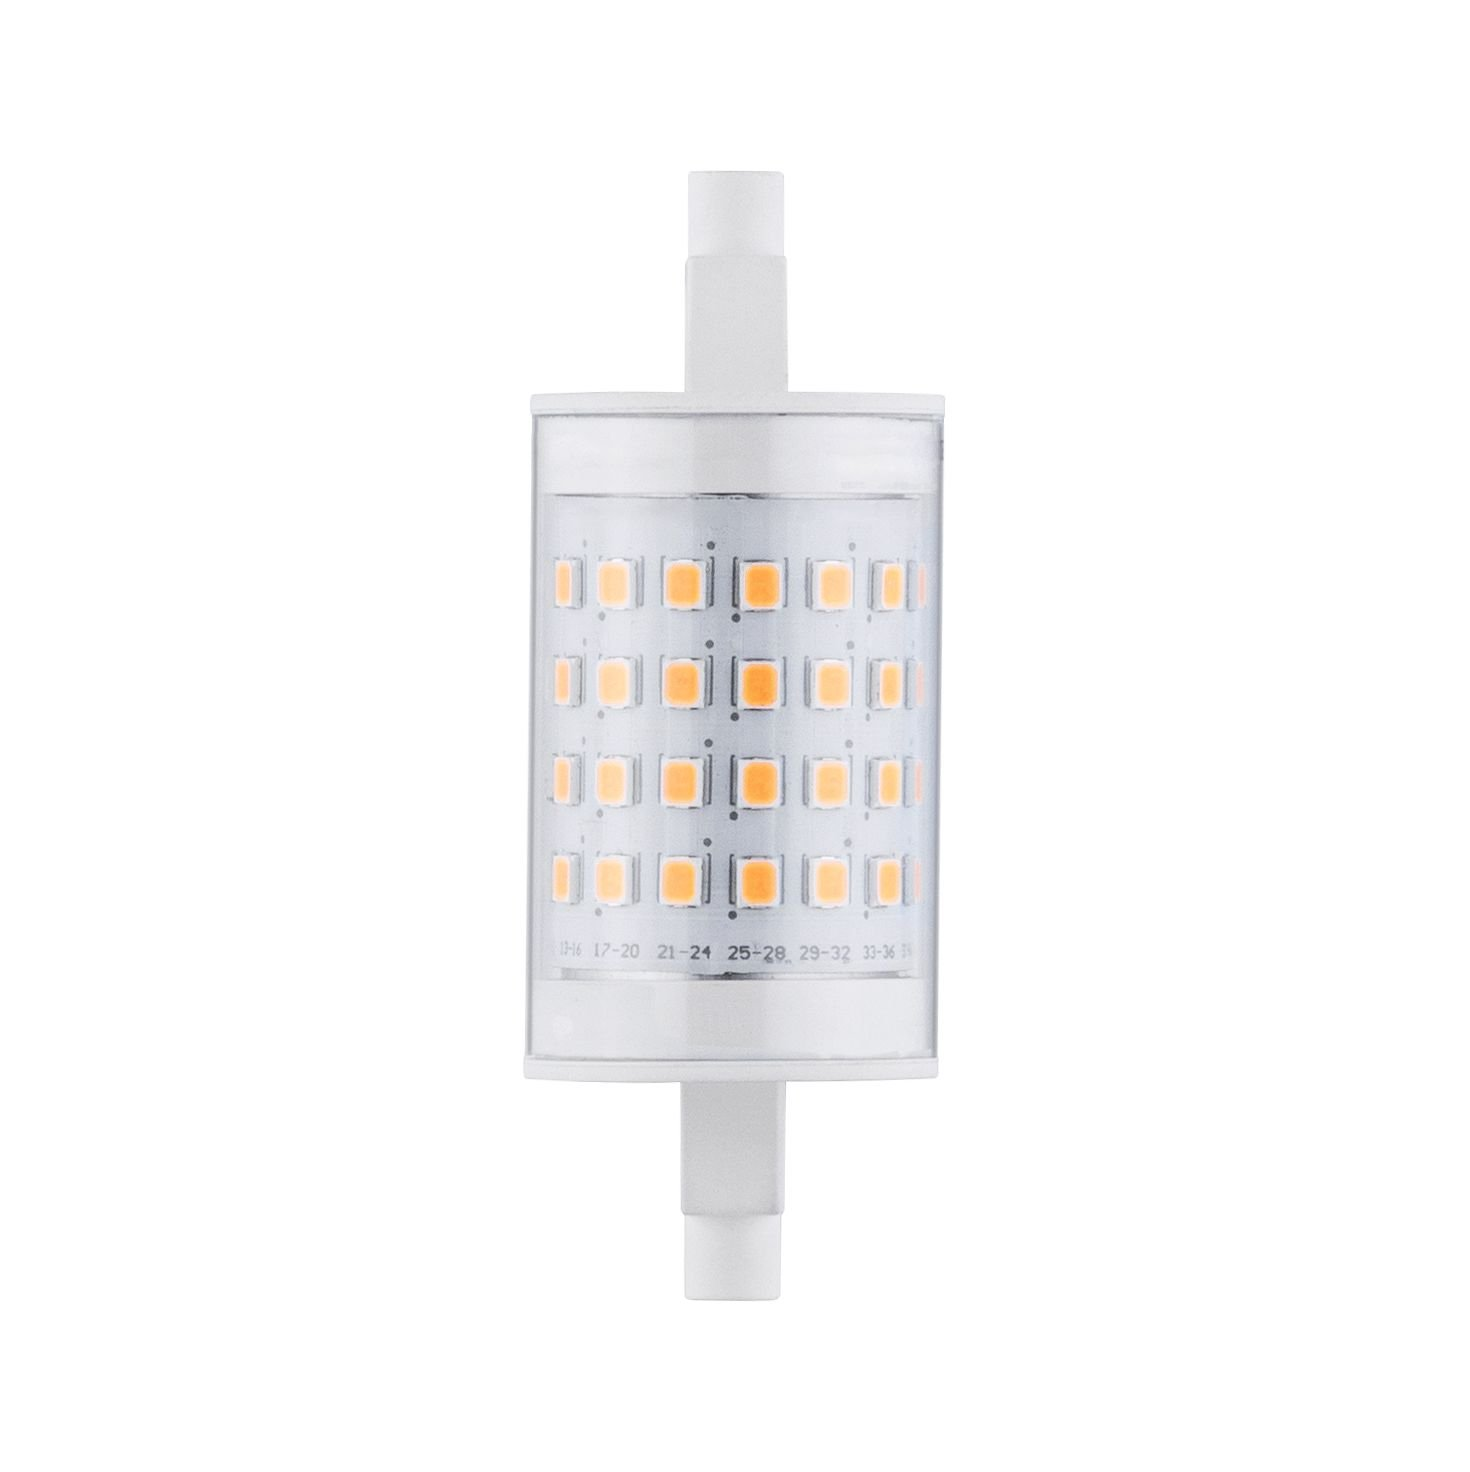 Tige LED R7s 230V 1055lm 9W 2700K